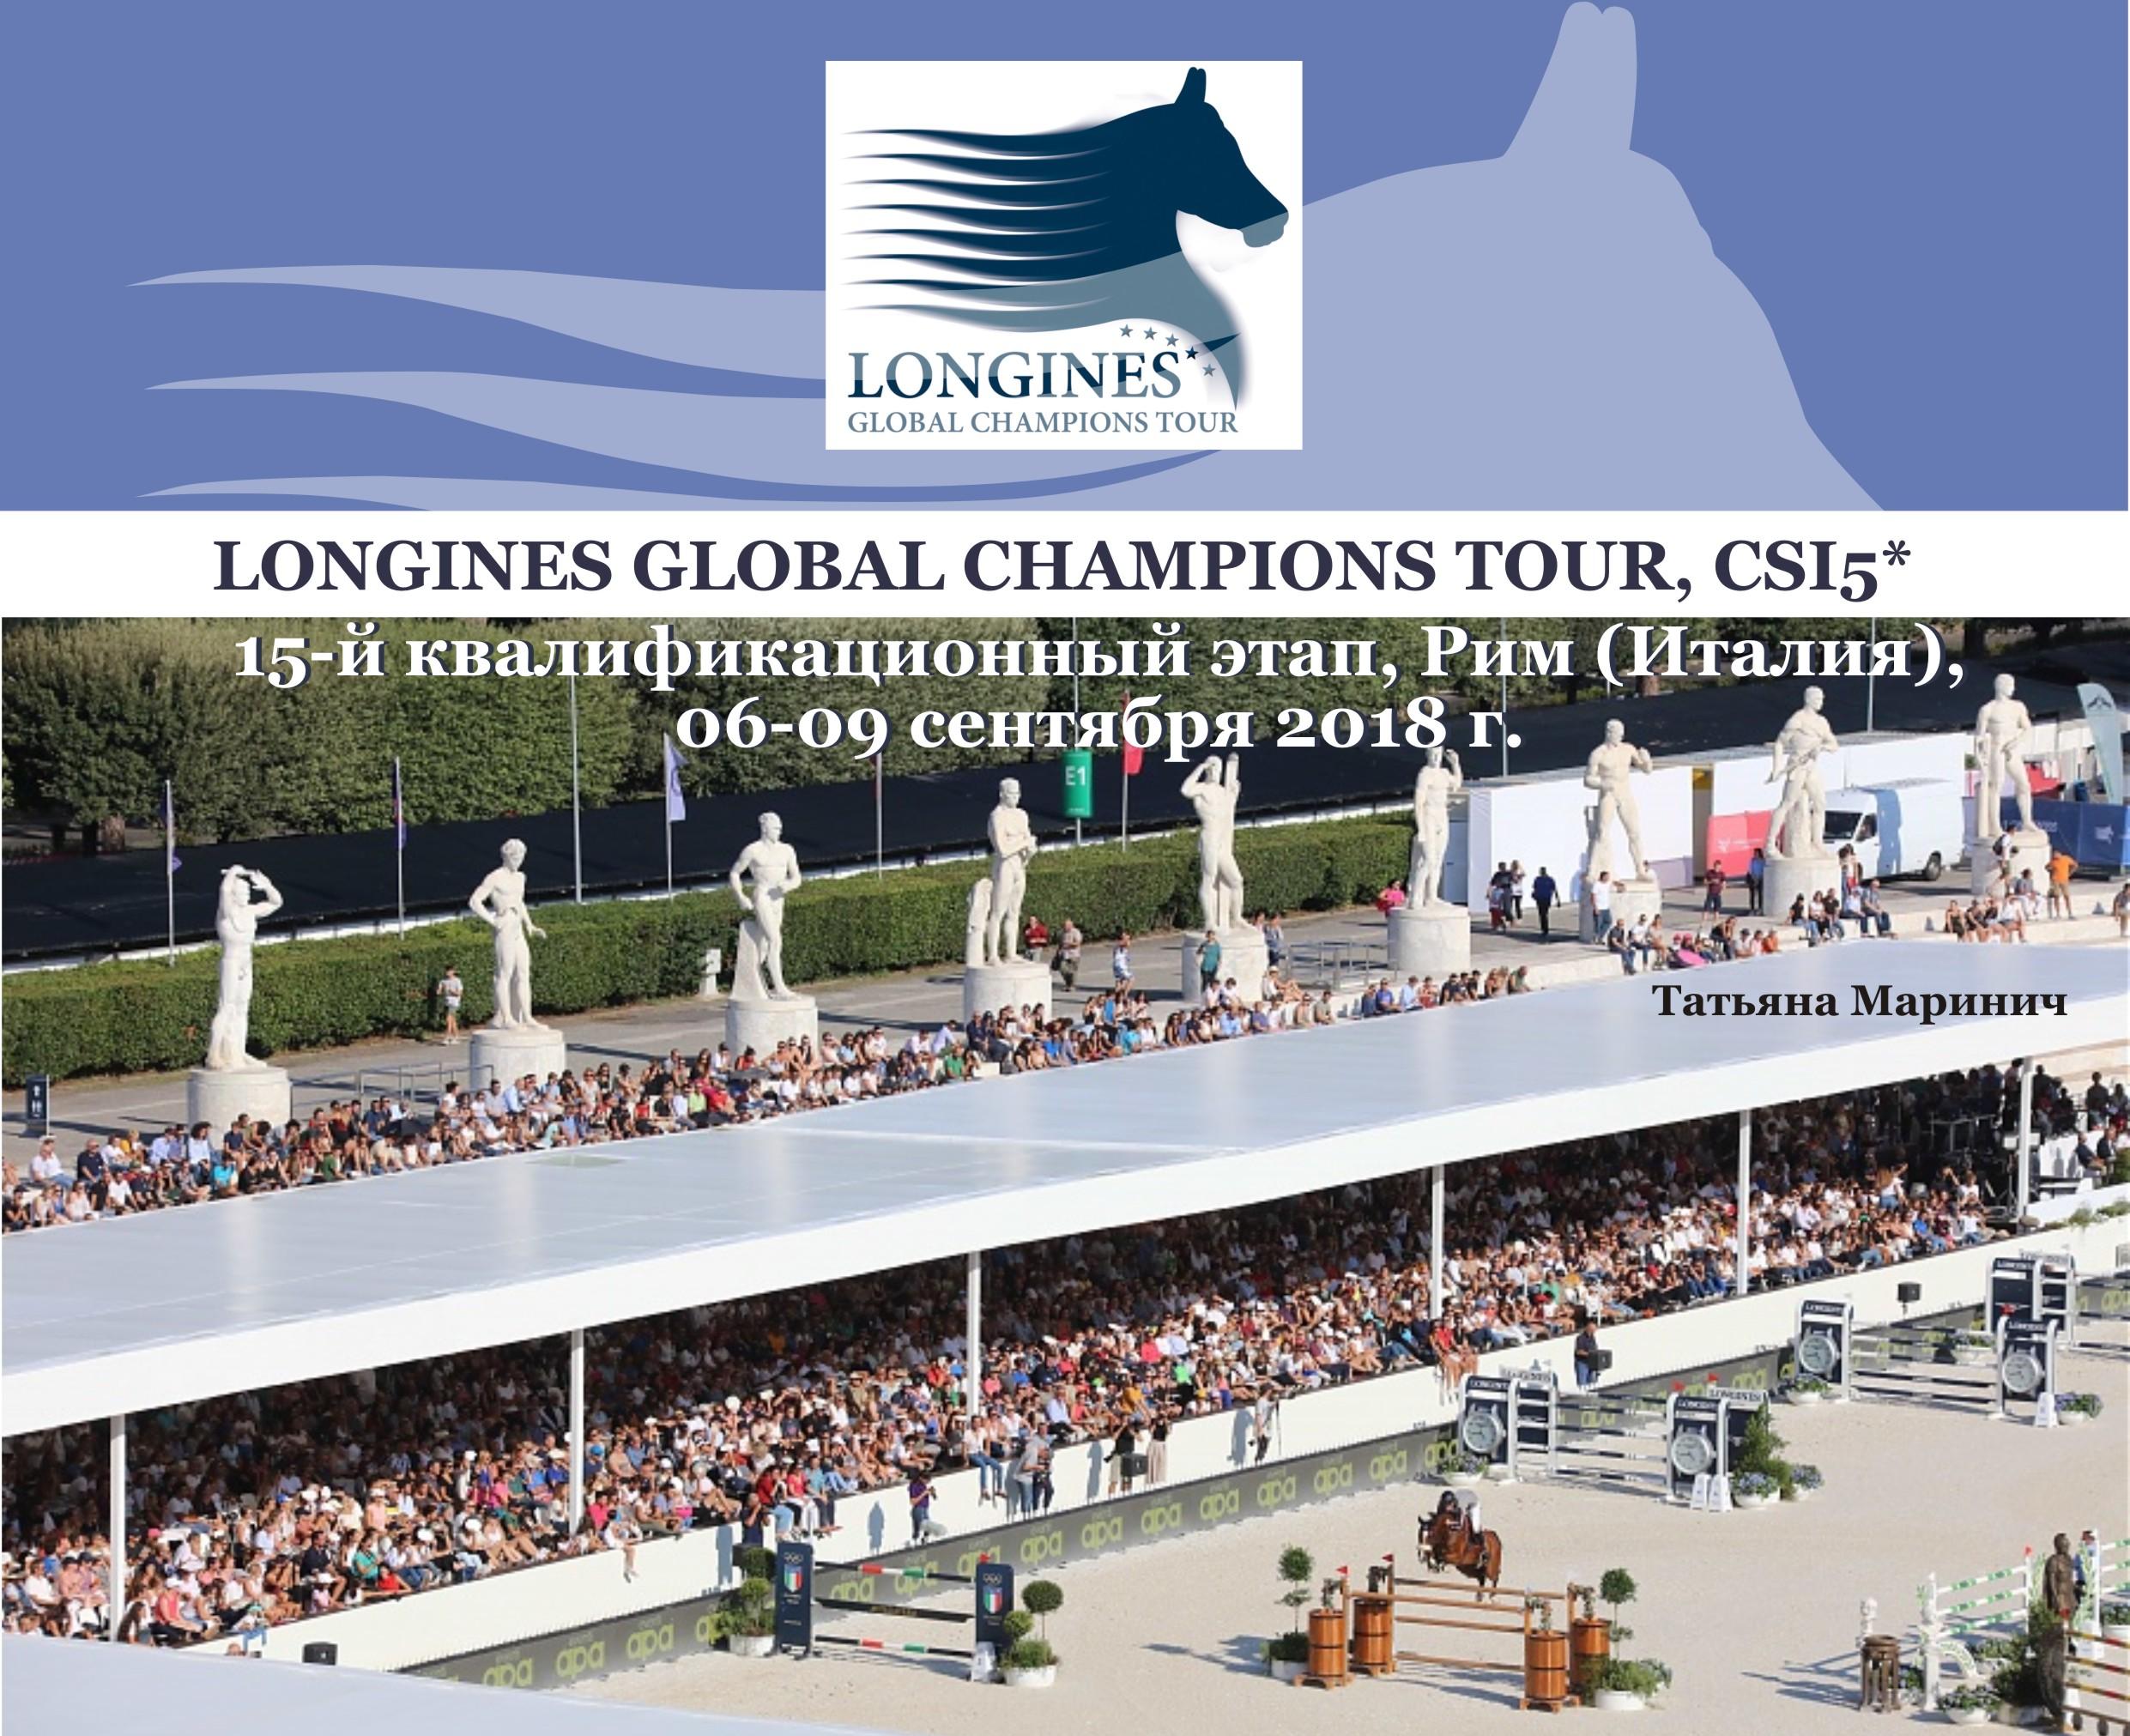 Longines Global Champions Tour, CSI5* 15-й этап, Рим (Италия), 06-09 сентября 2018 г._(выпуск журнала №42)